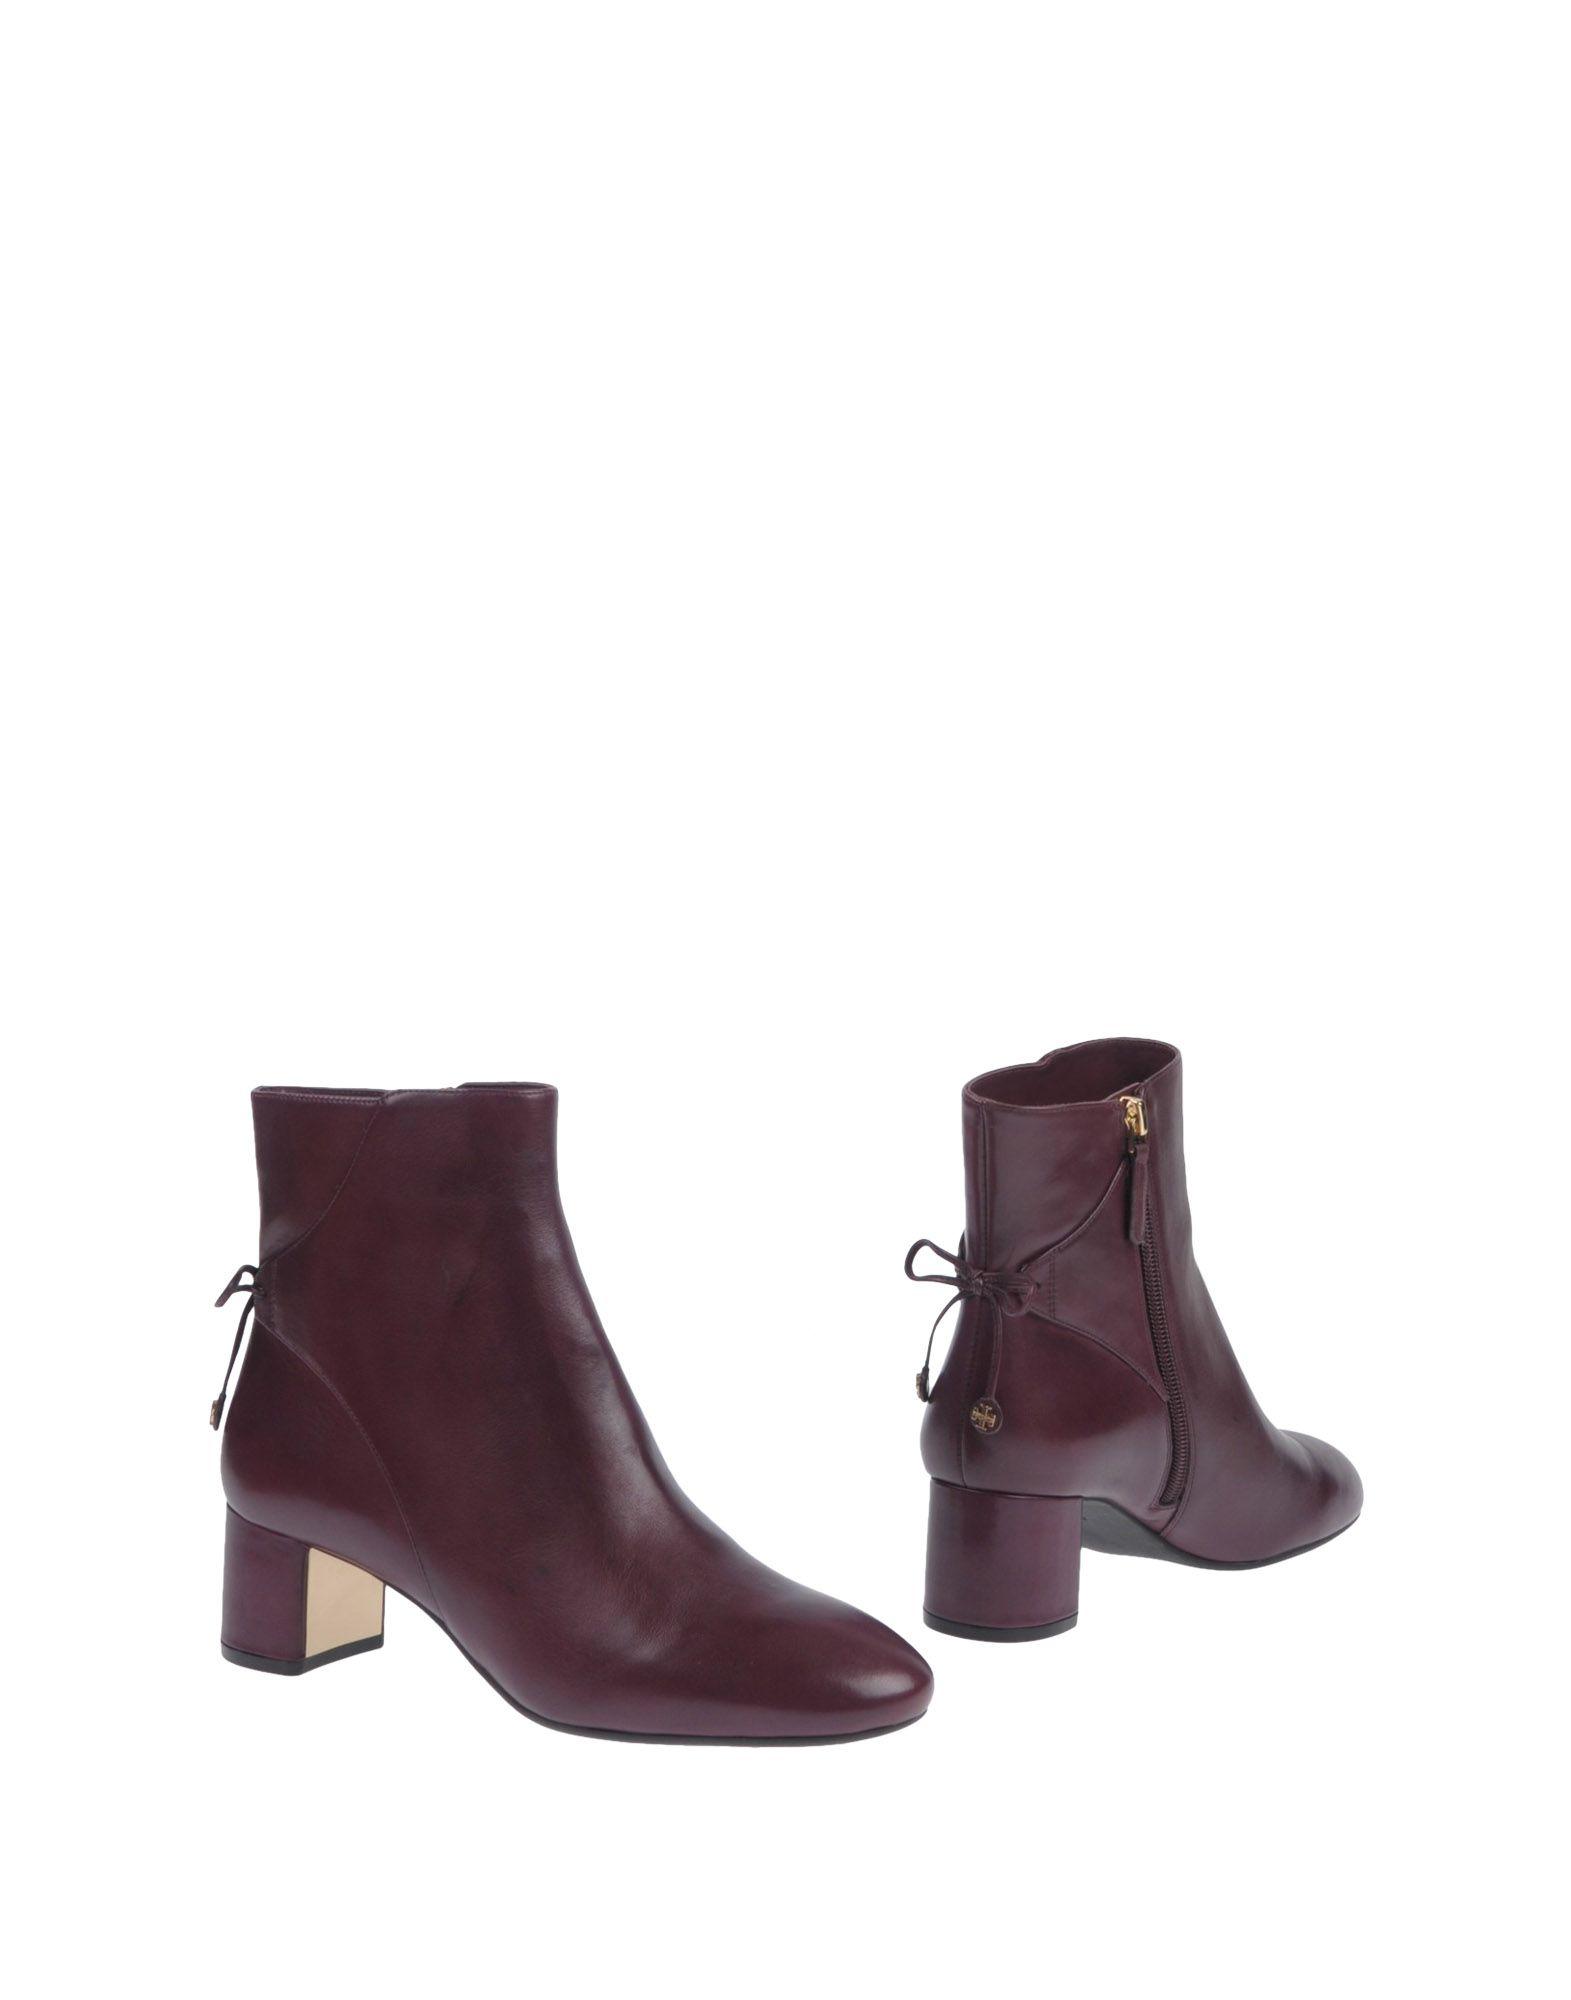 Tory Burch Stiefelette Damen  11452397HCGut aussehende strapazierfähige Schuhe